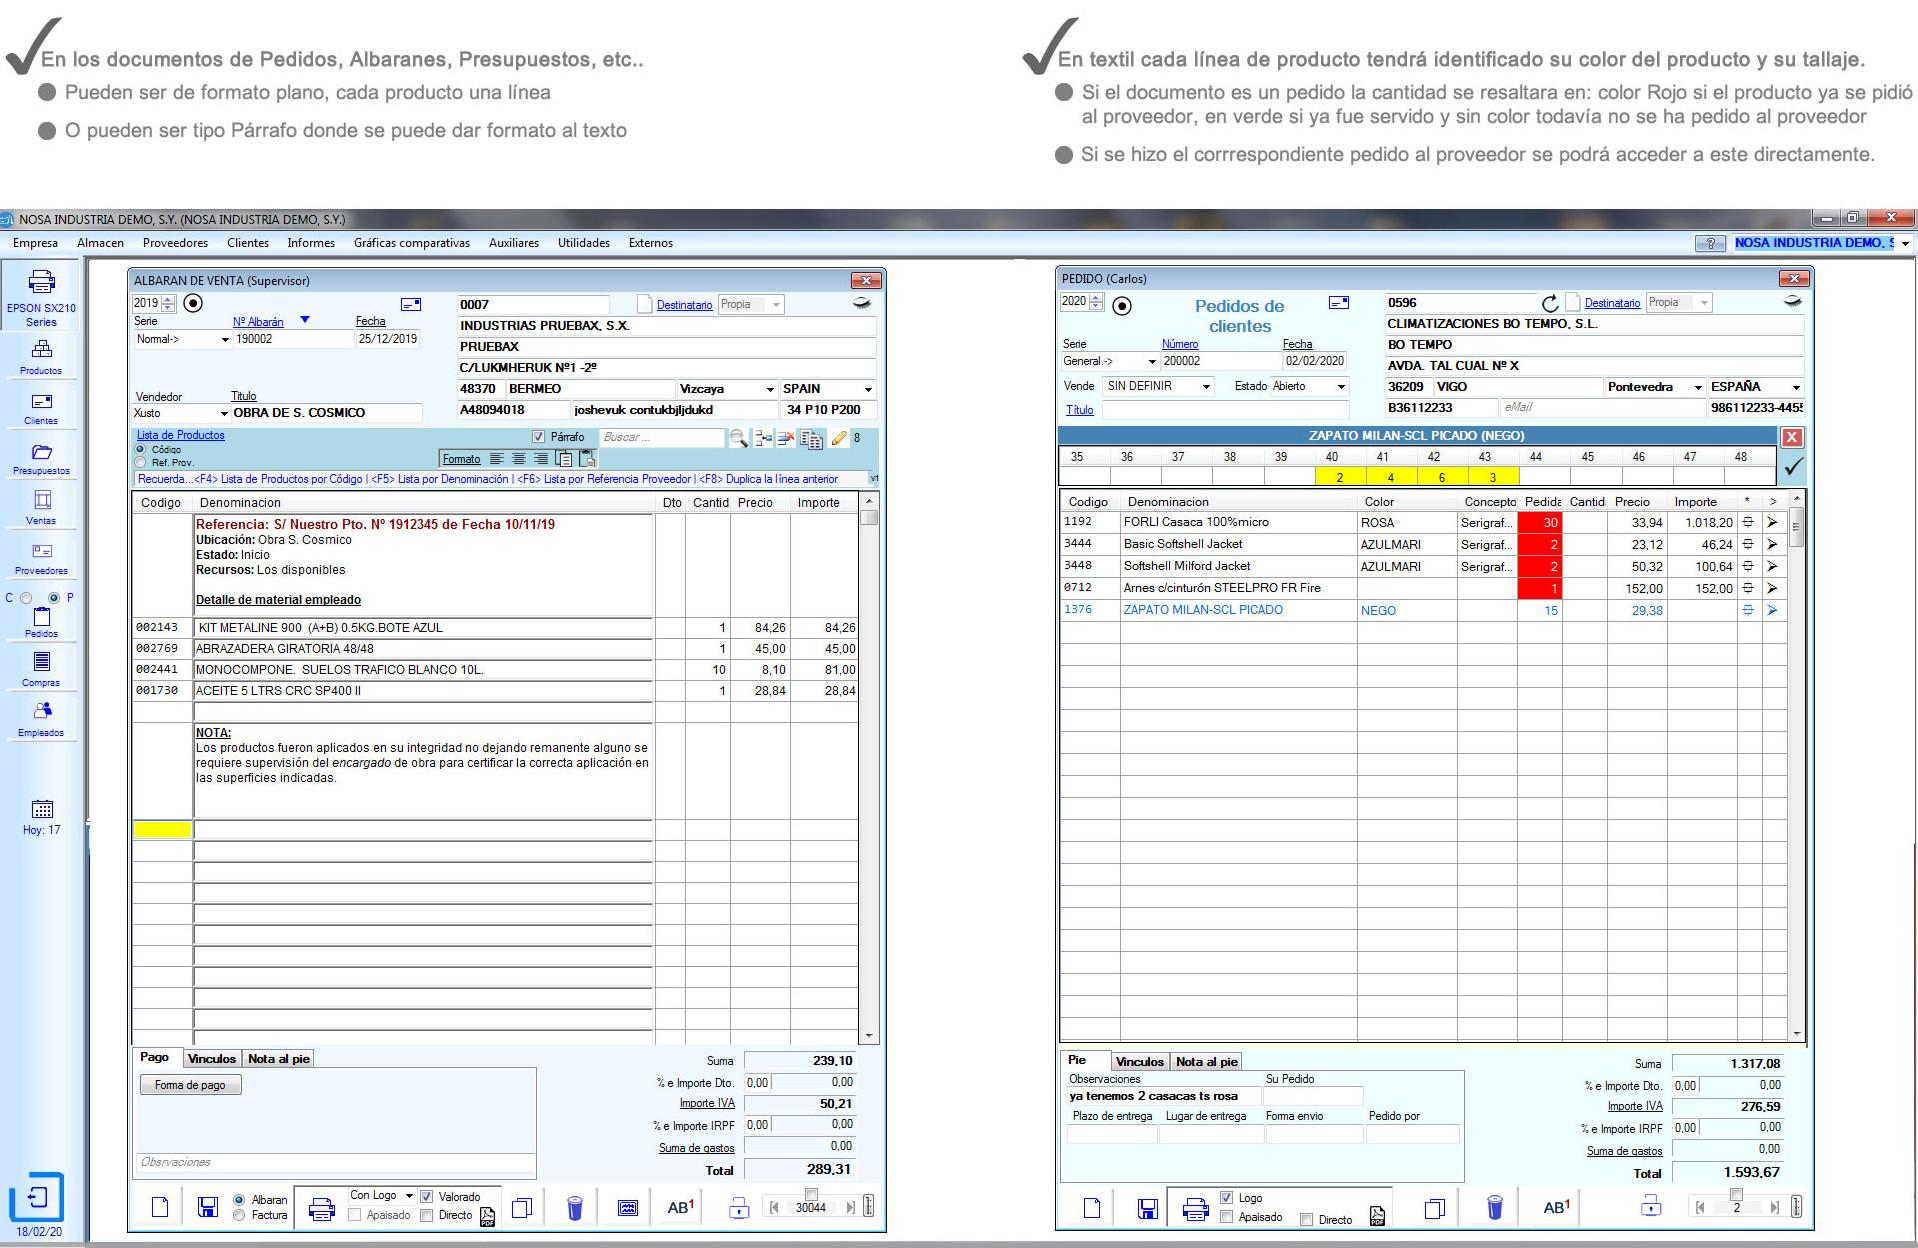 erp-pedidos-albaranes-presupuestos-formato